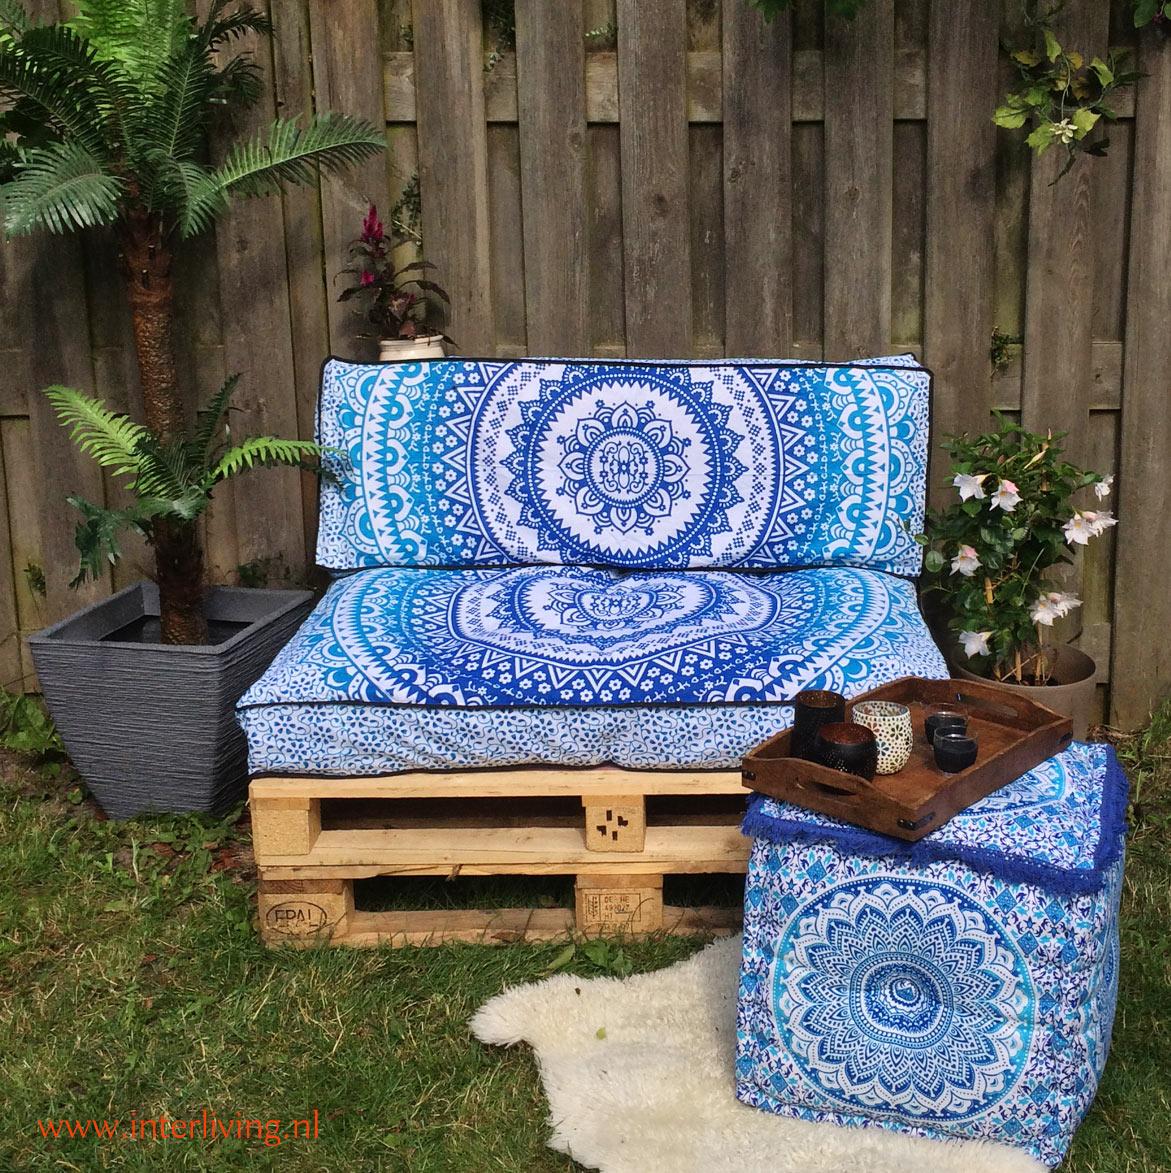 mandala kussen met Indiase patronen voor je boho of Ibiza loungekussenhoes - mooi op je palletbank van hout op je terras, patio of tuin